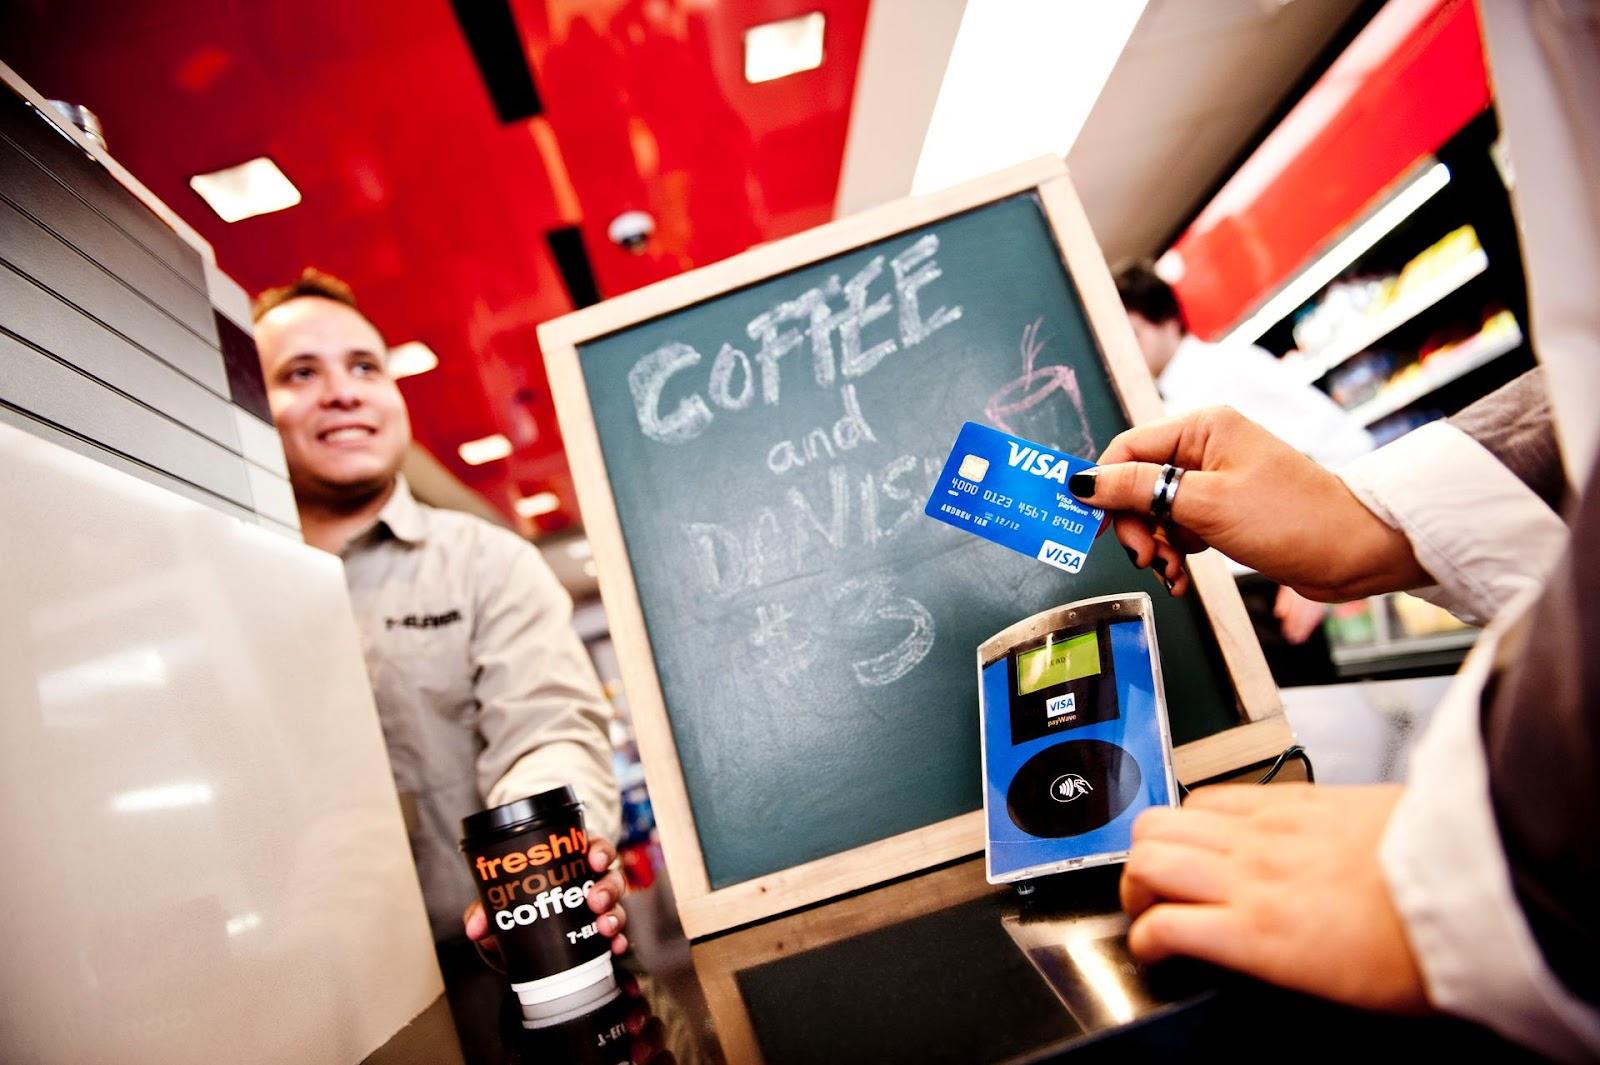 coffe in melbourne